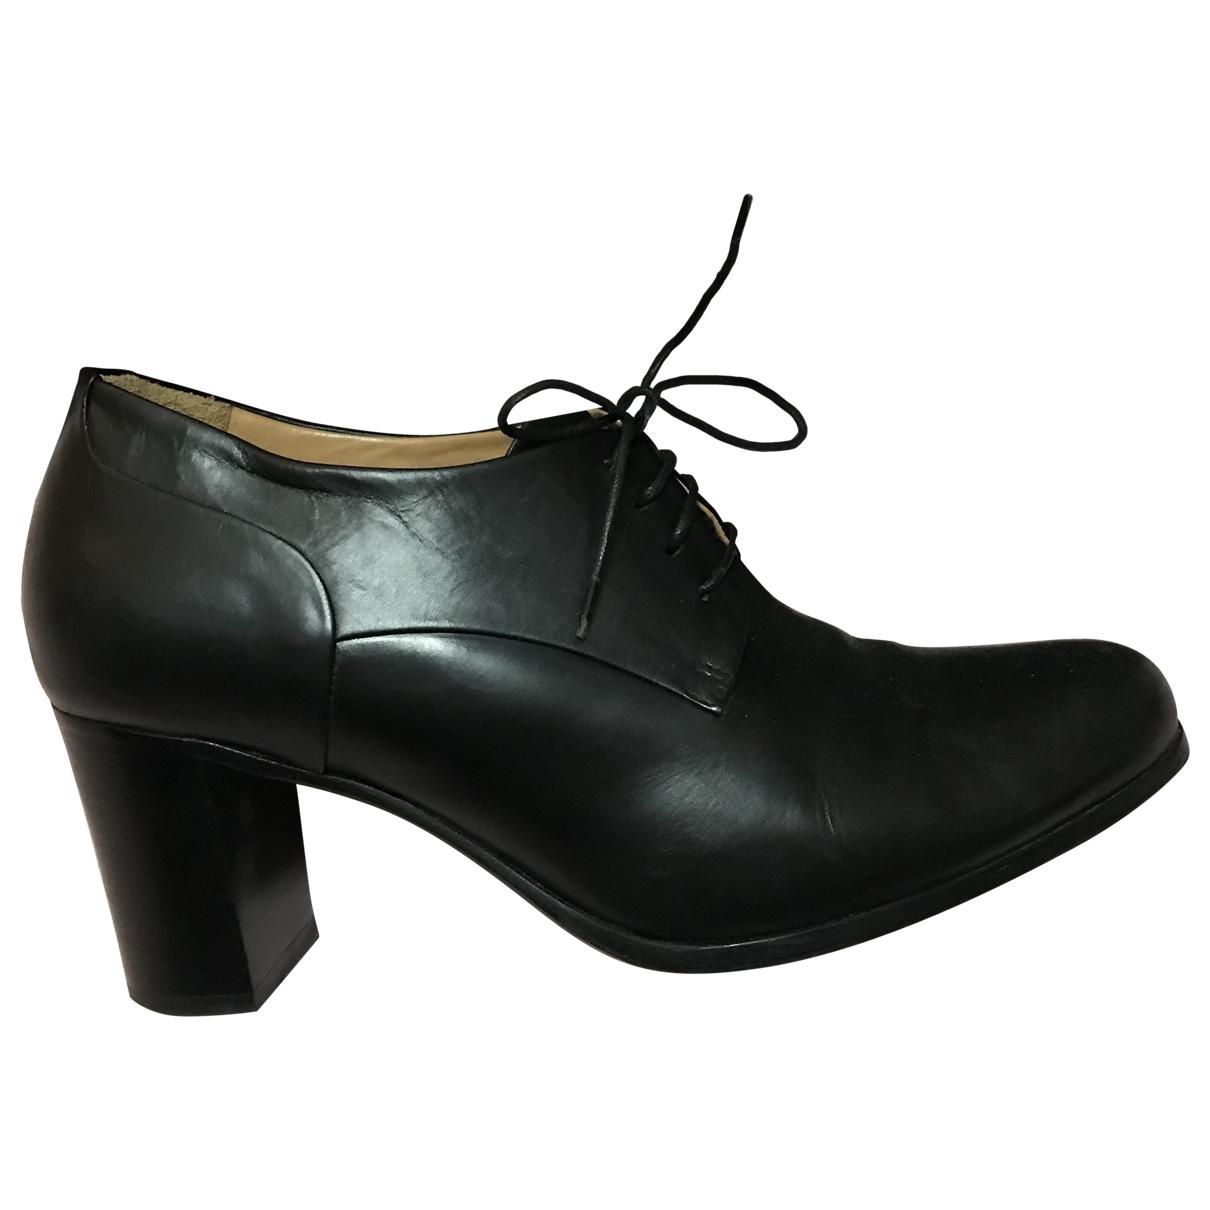 Heschung - Derbies   pour femme en cuir - noir